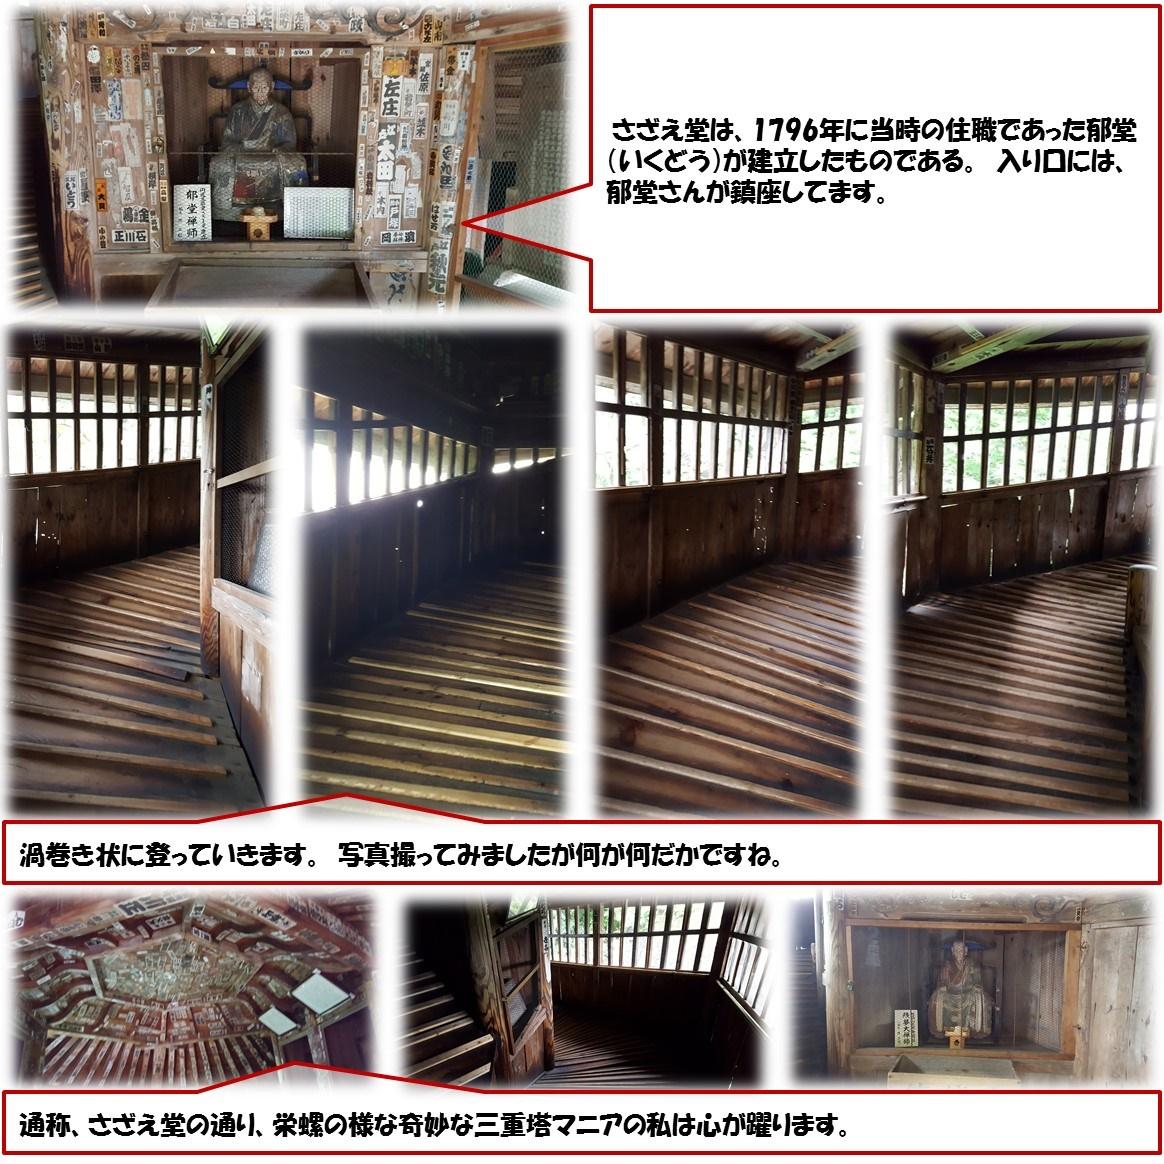 さざえ堂は、1796年に当時の住職であった郁堂(いくどう)が建立したものである。 入り口には、郁堂さんが鎮座してます。 渦巻き状に登っていきます。 写真撮ってみましたが何が何だかですね。 通称、さざえ堂の通り、栄螺の様な奇妙な三重塔マニアの私は心が躍ります。